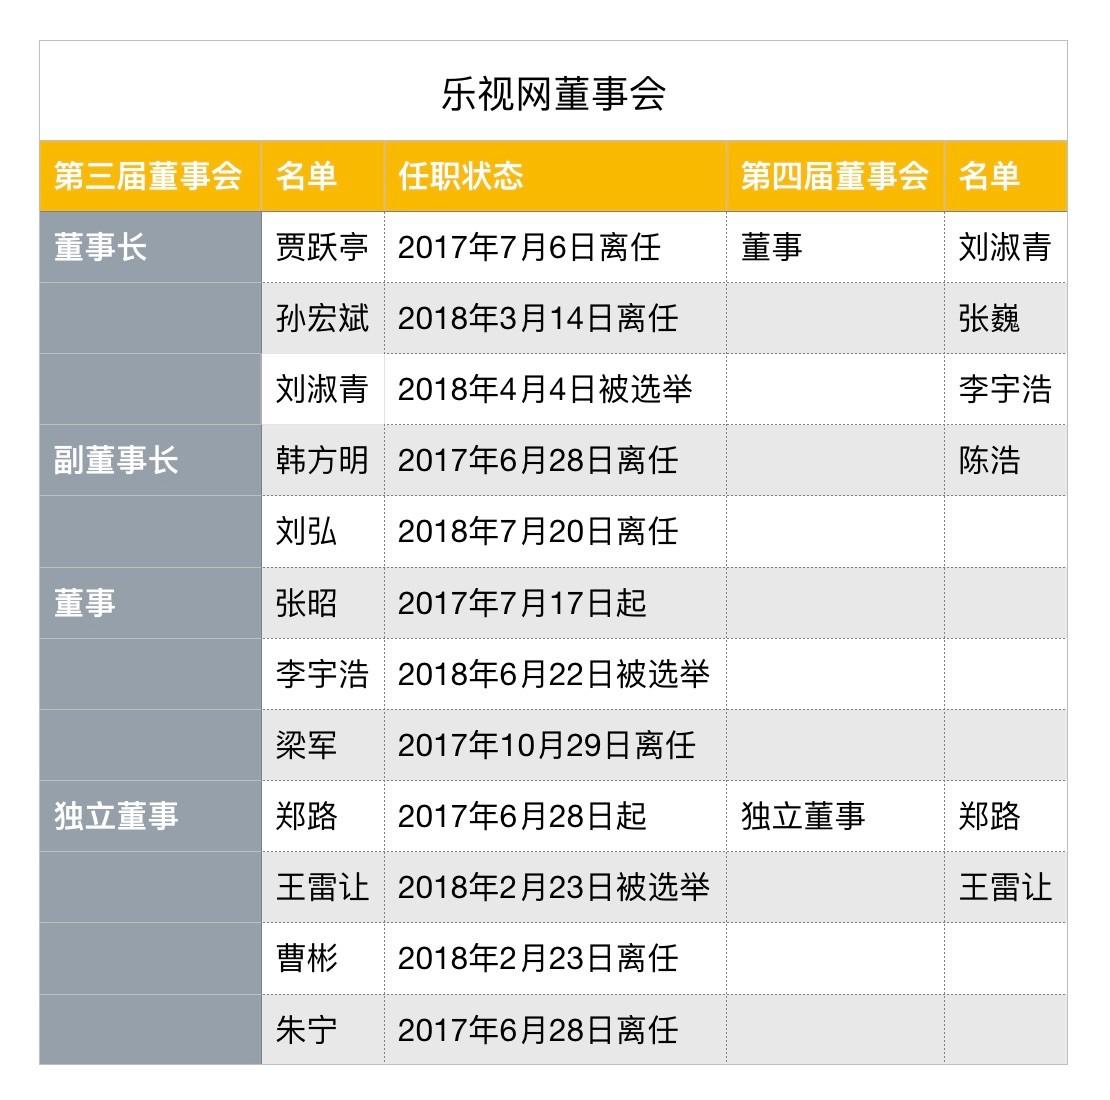 贾跃亭和恒大争夺FF影响偿债能力?乐视网董事长:不能判断_图1-3